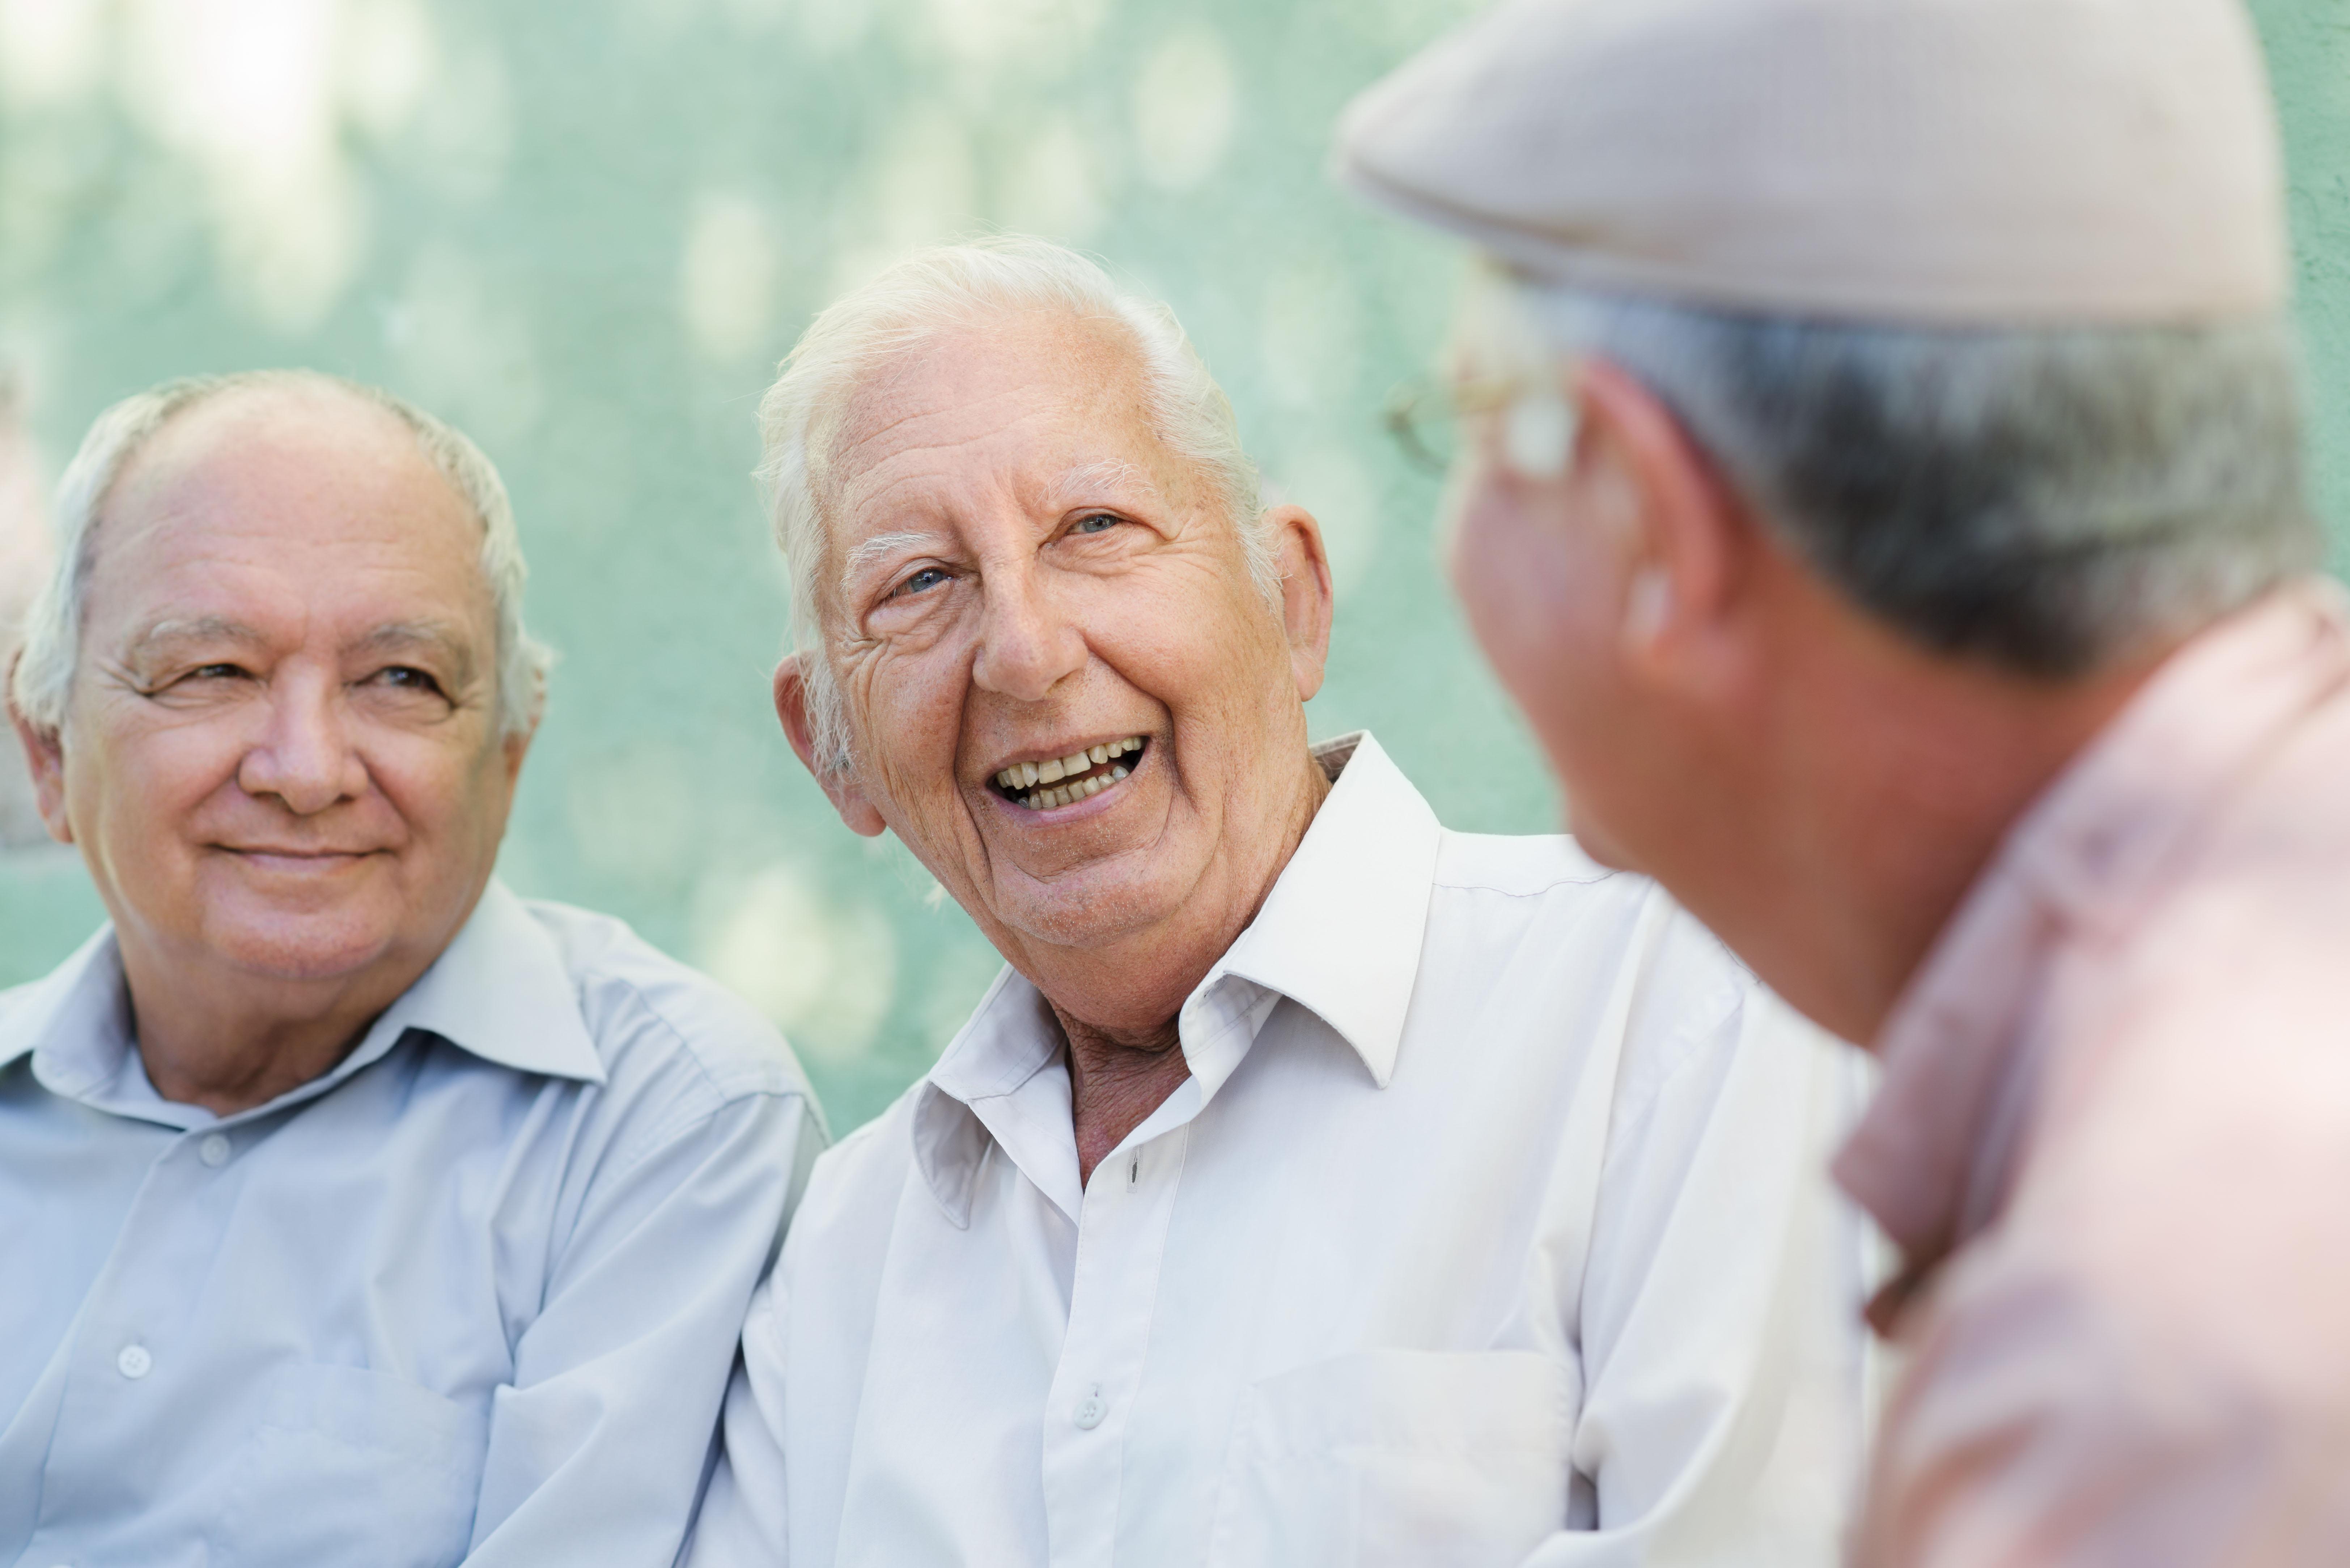 3 idosos a conversar